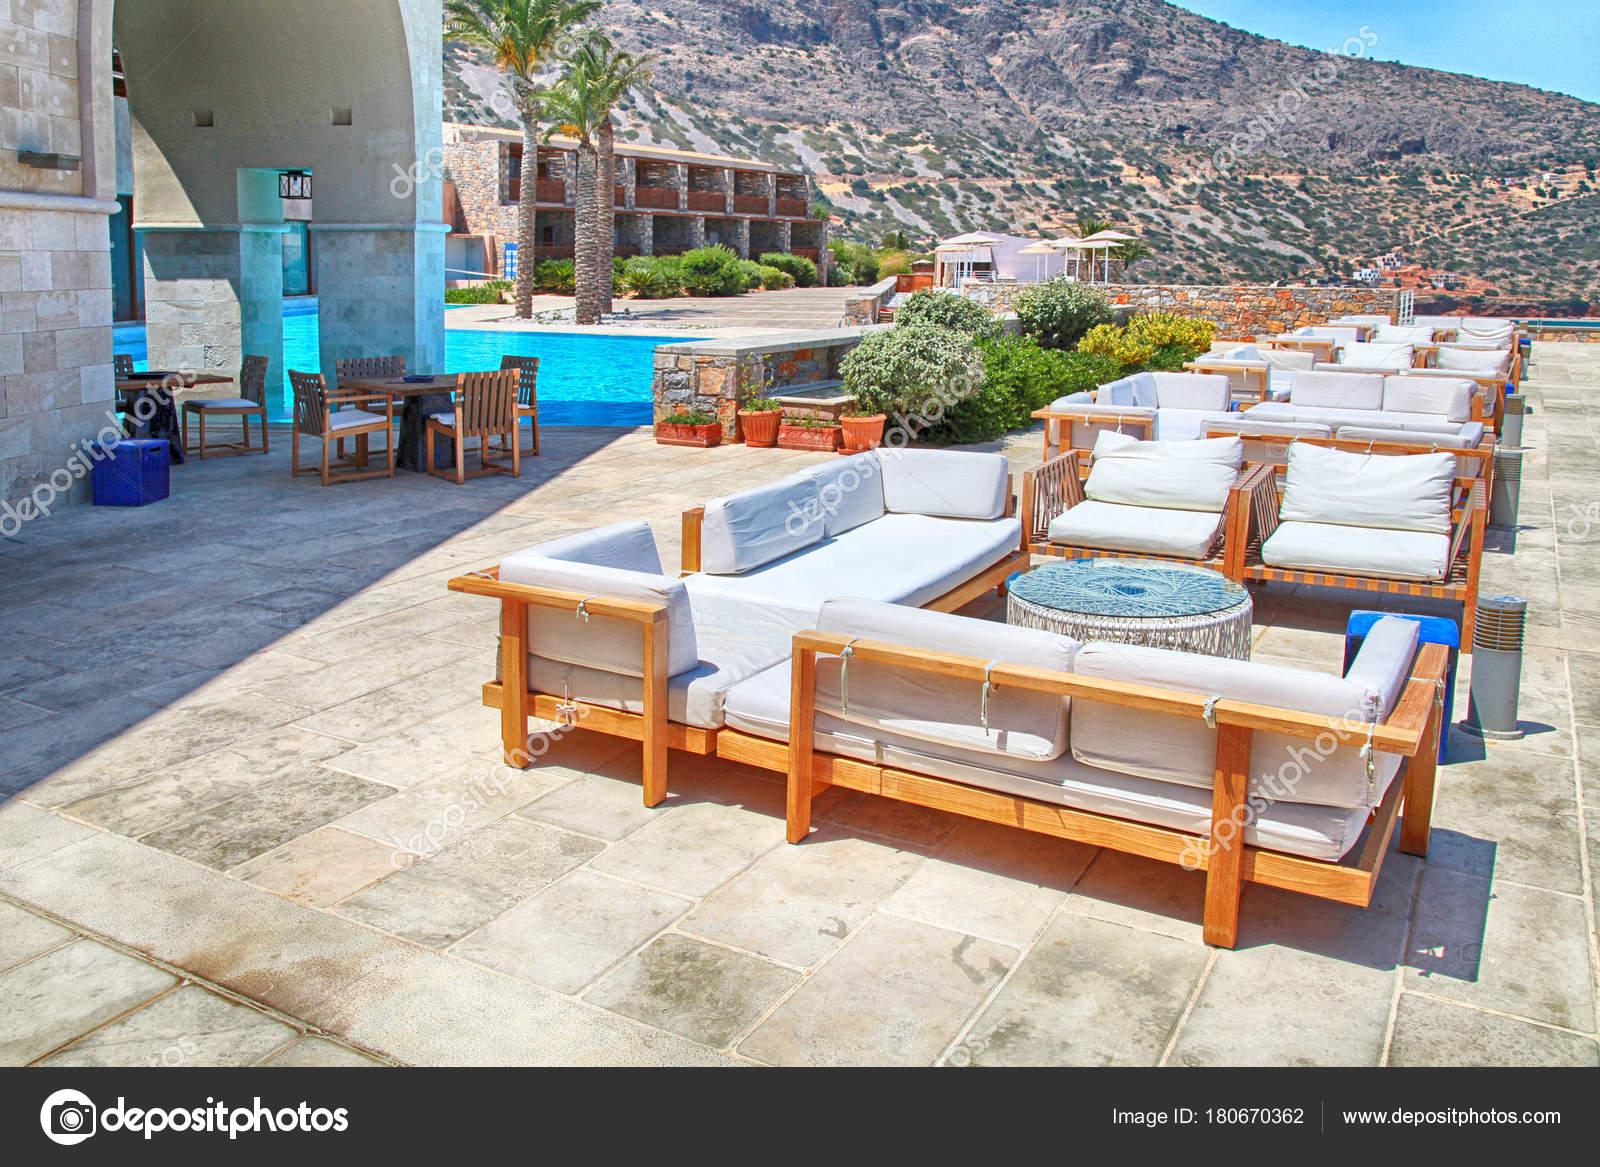 Meerblick Von Terrasse Mit Lounge Sofa Und Sessel In Einer